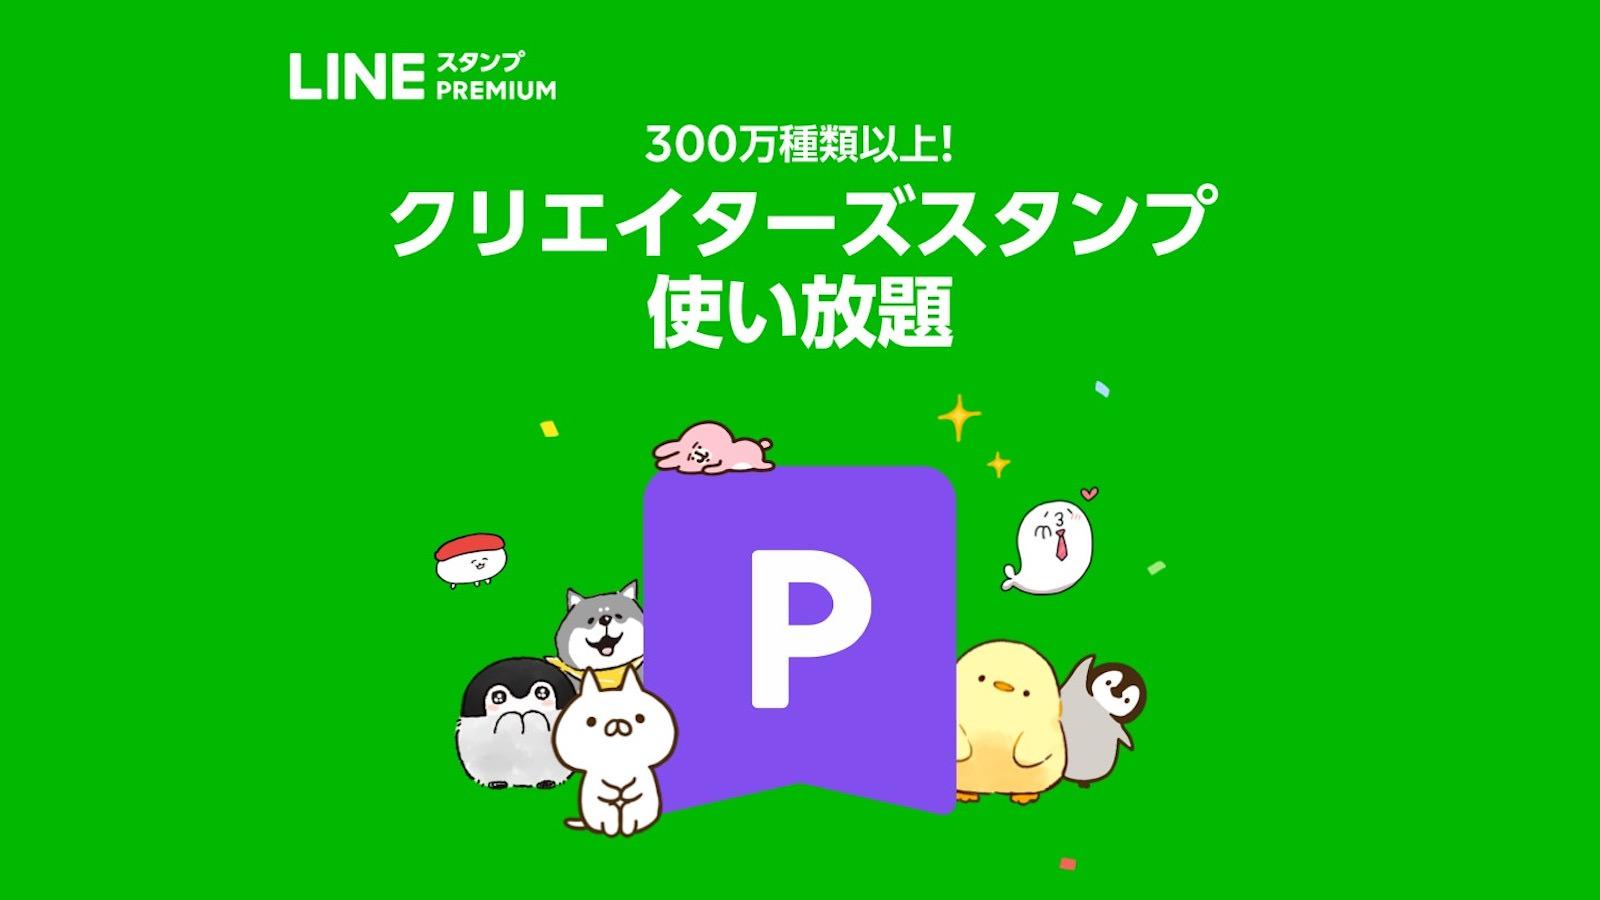 LINE Stamp Premium 1